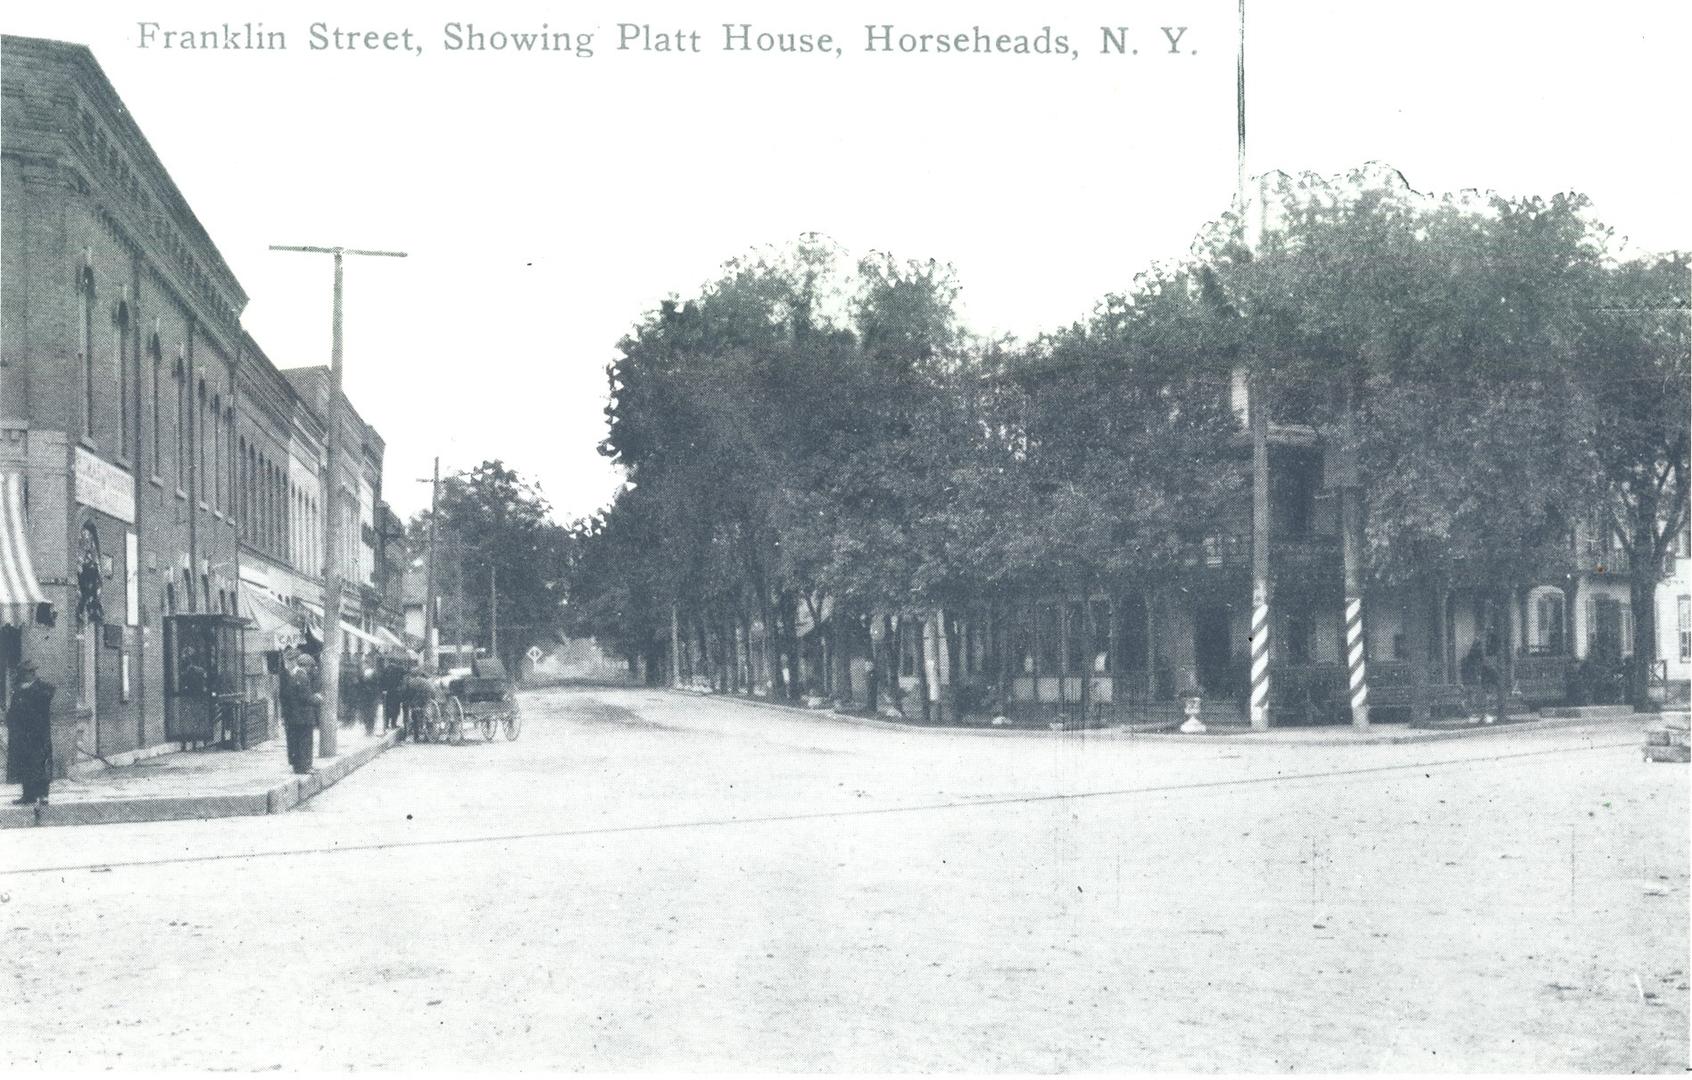 Hanover Square Horseheads, NY